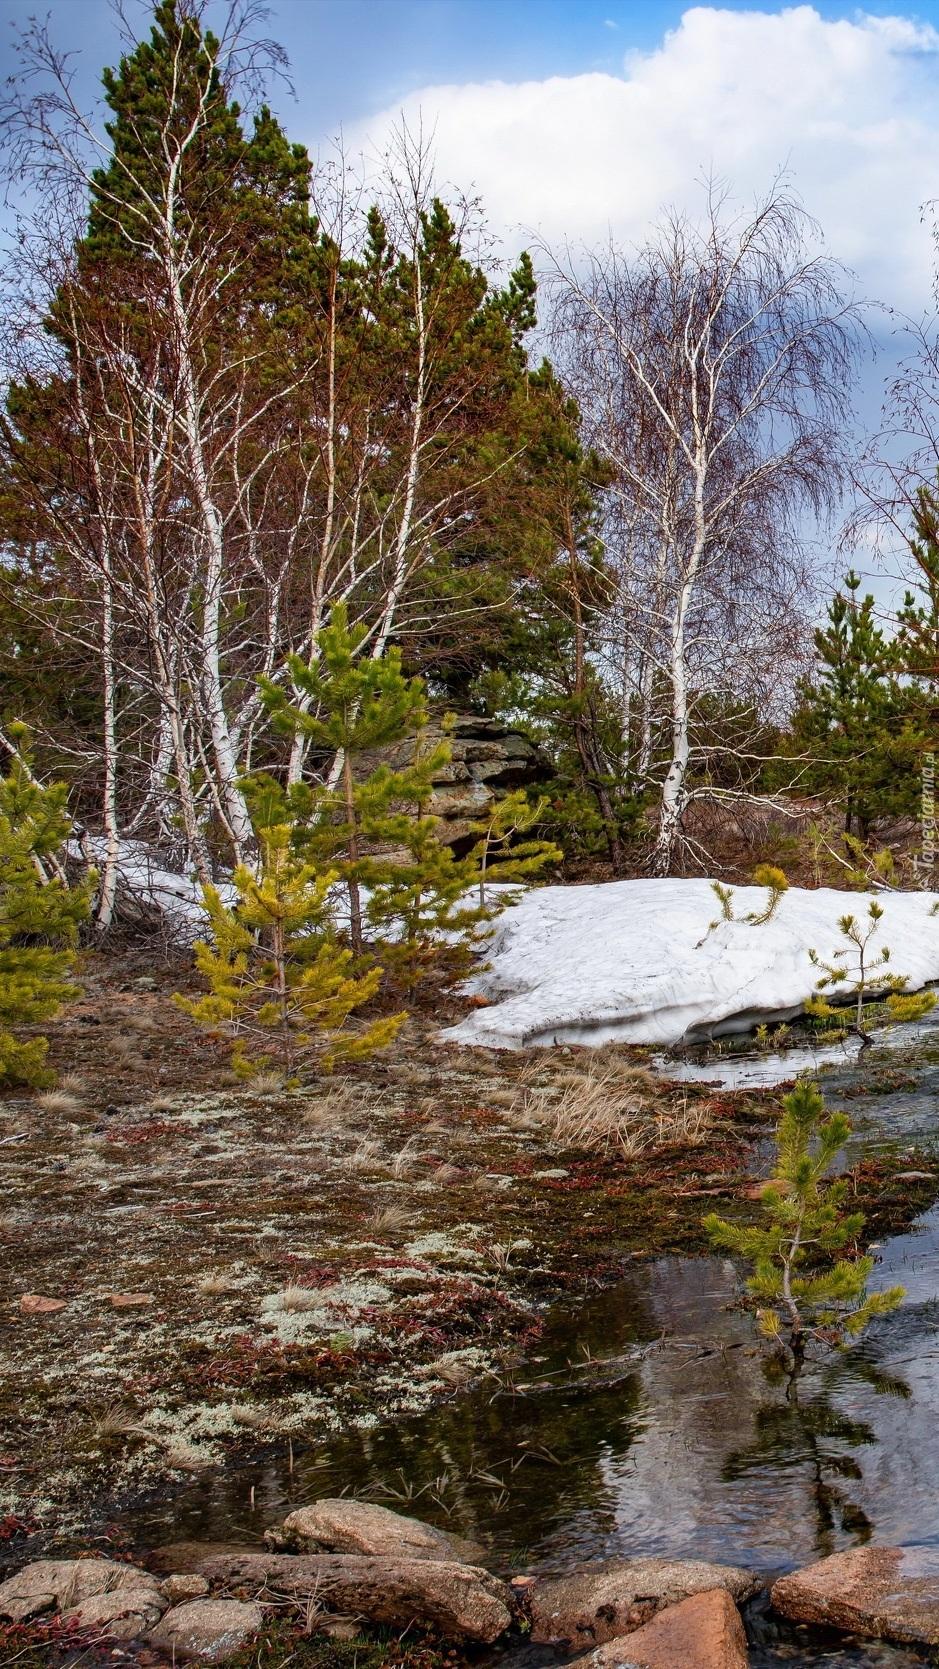 Brzozy w śniegu nad rzeką